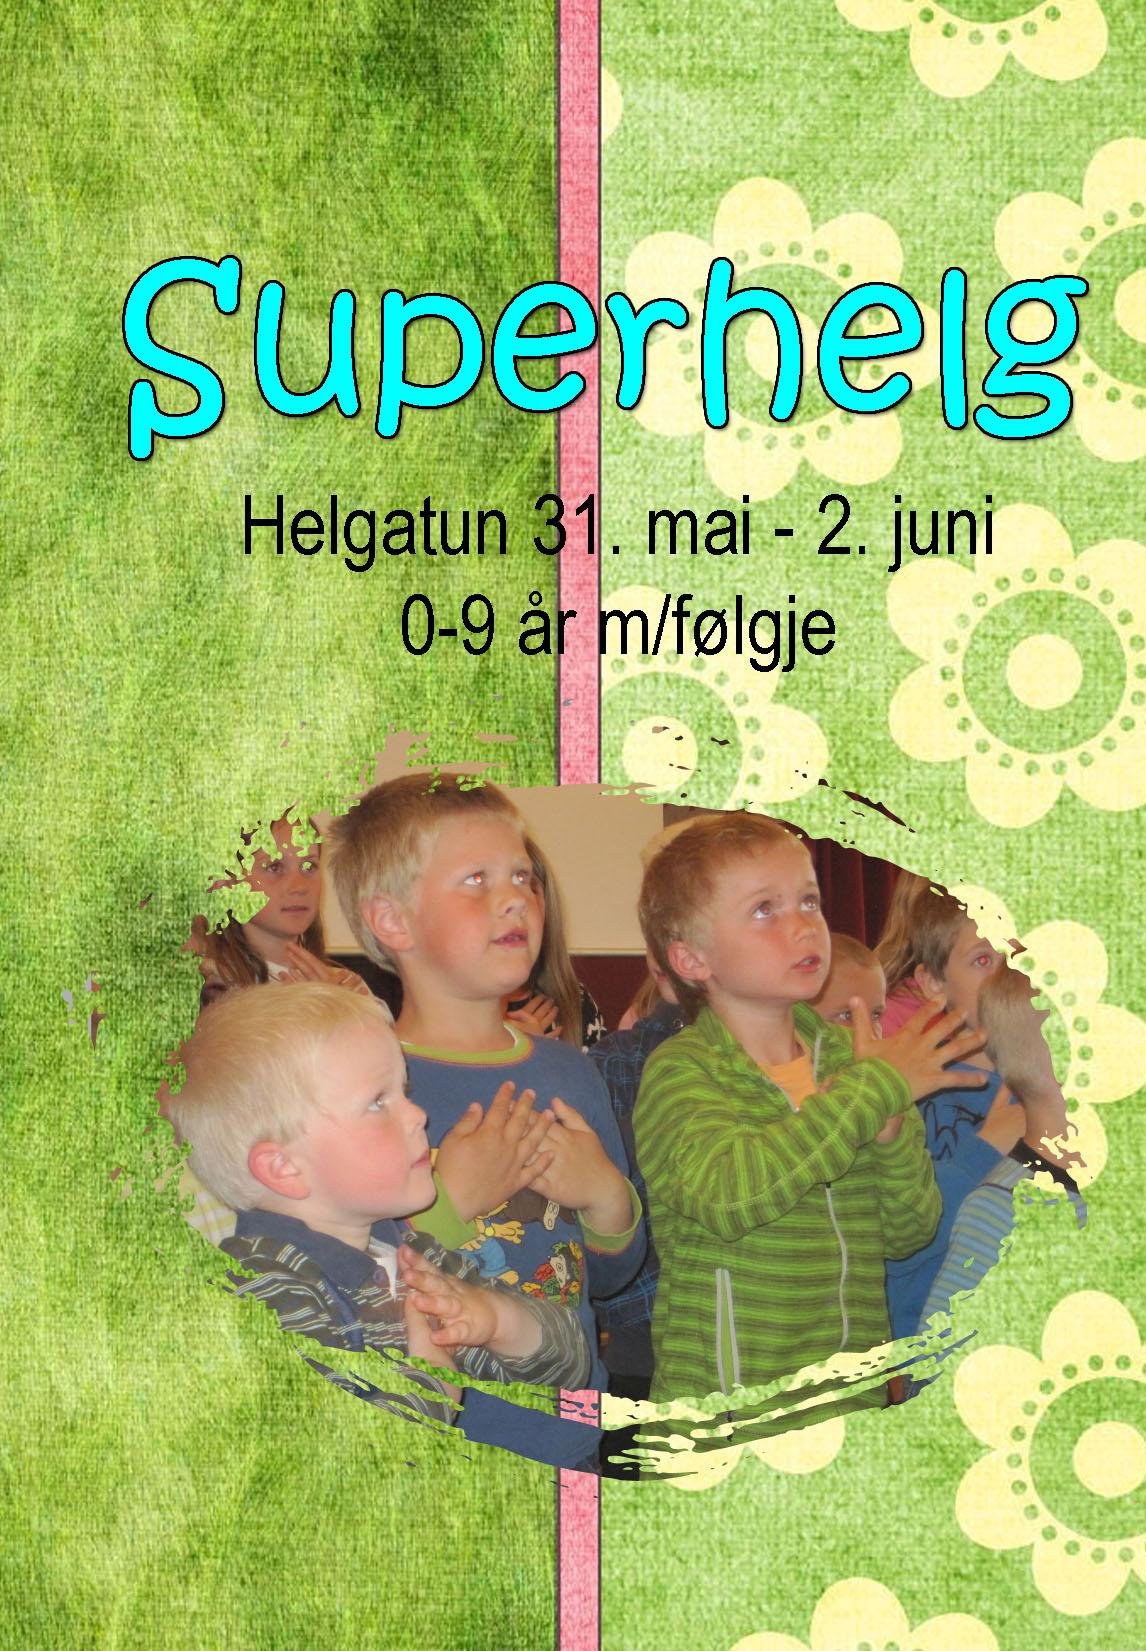 Superhelg på Helgatun